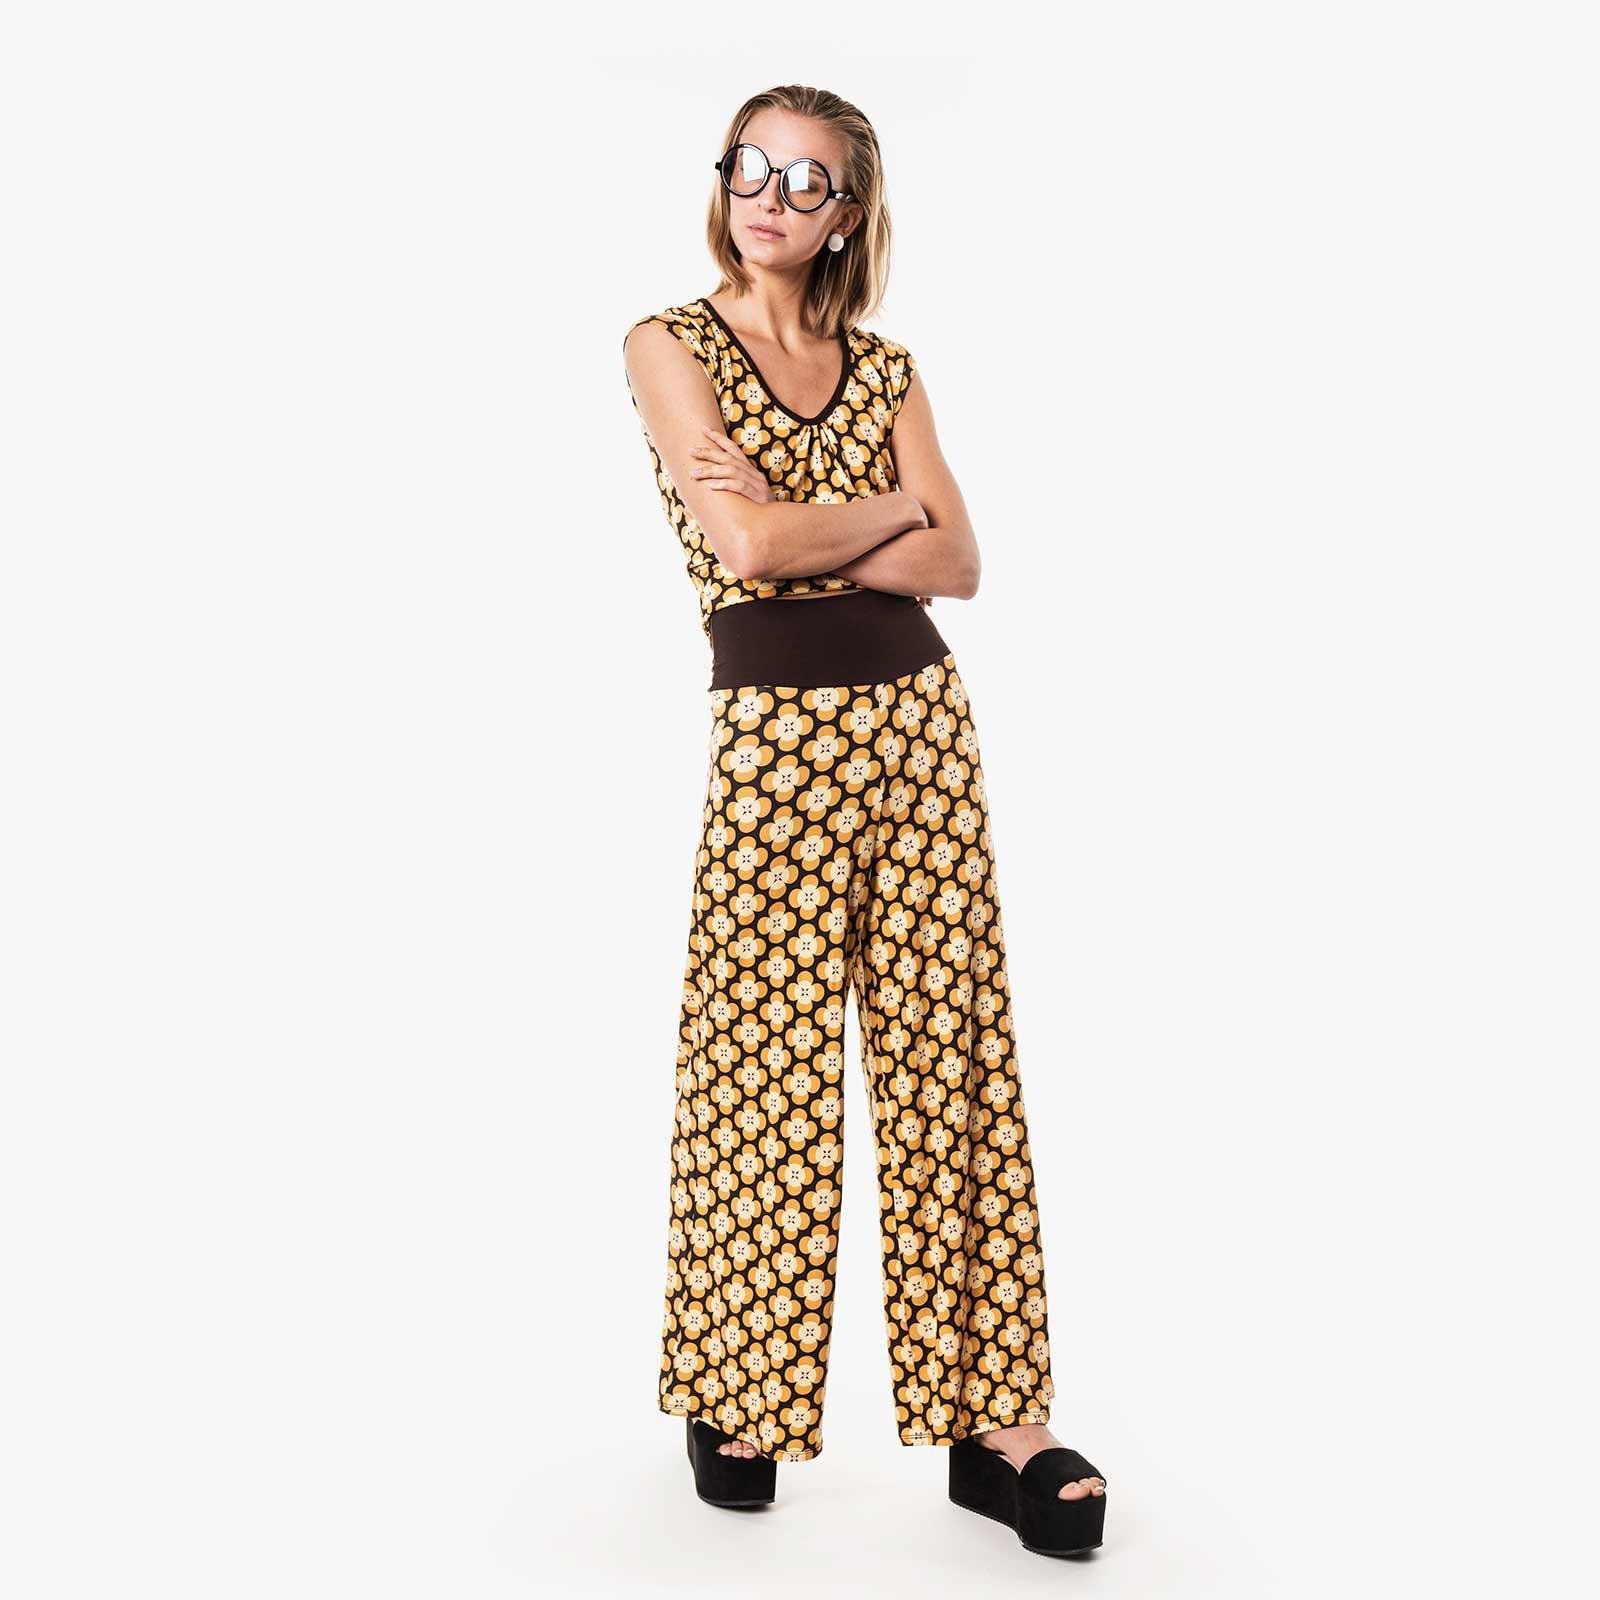 Pantalon Moshiki large et fluide jaune